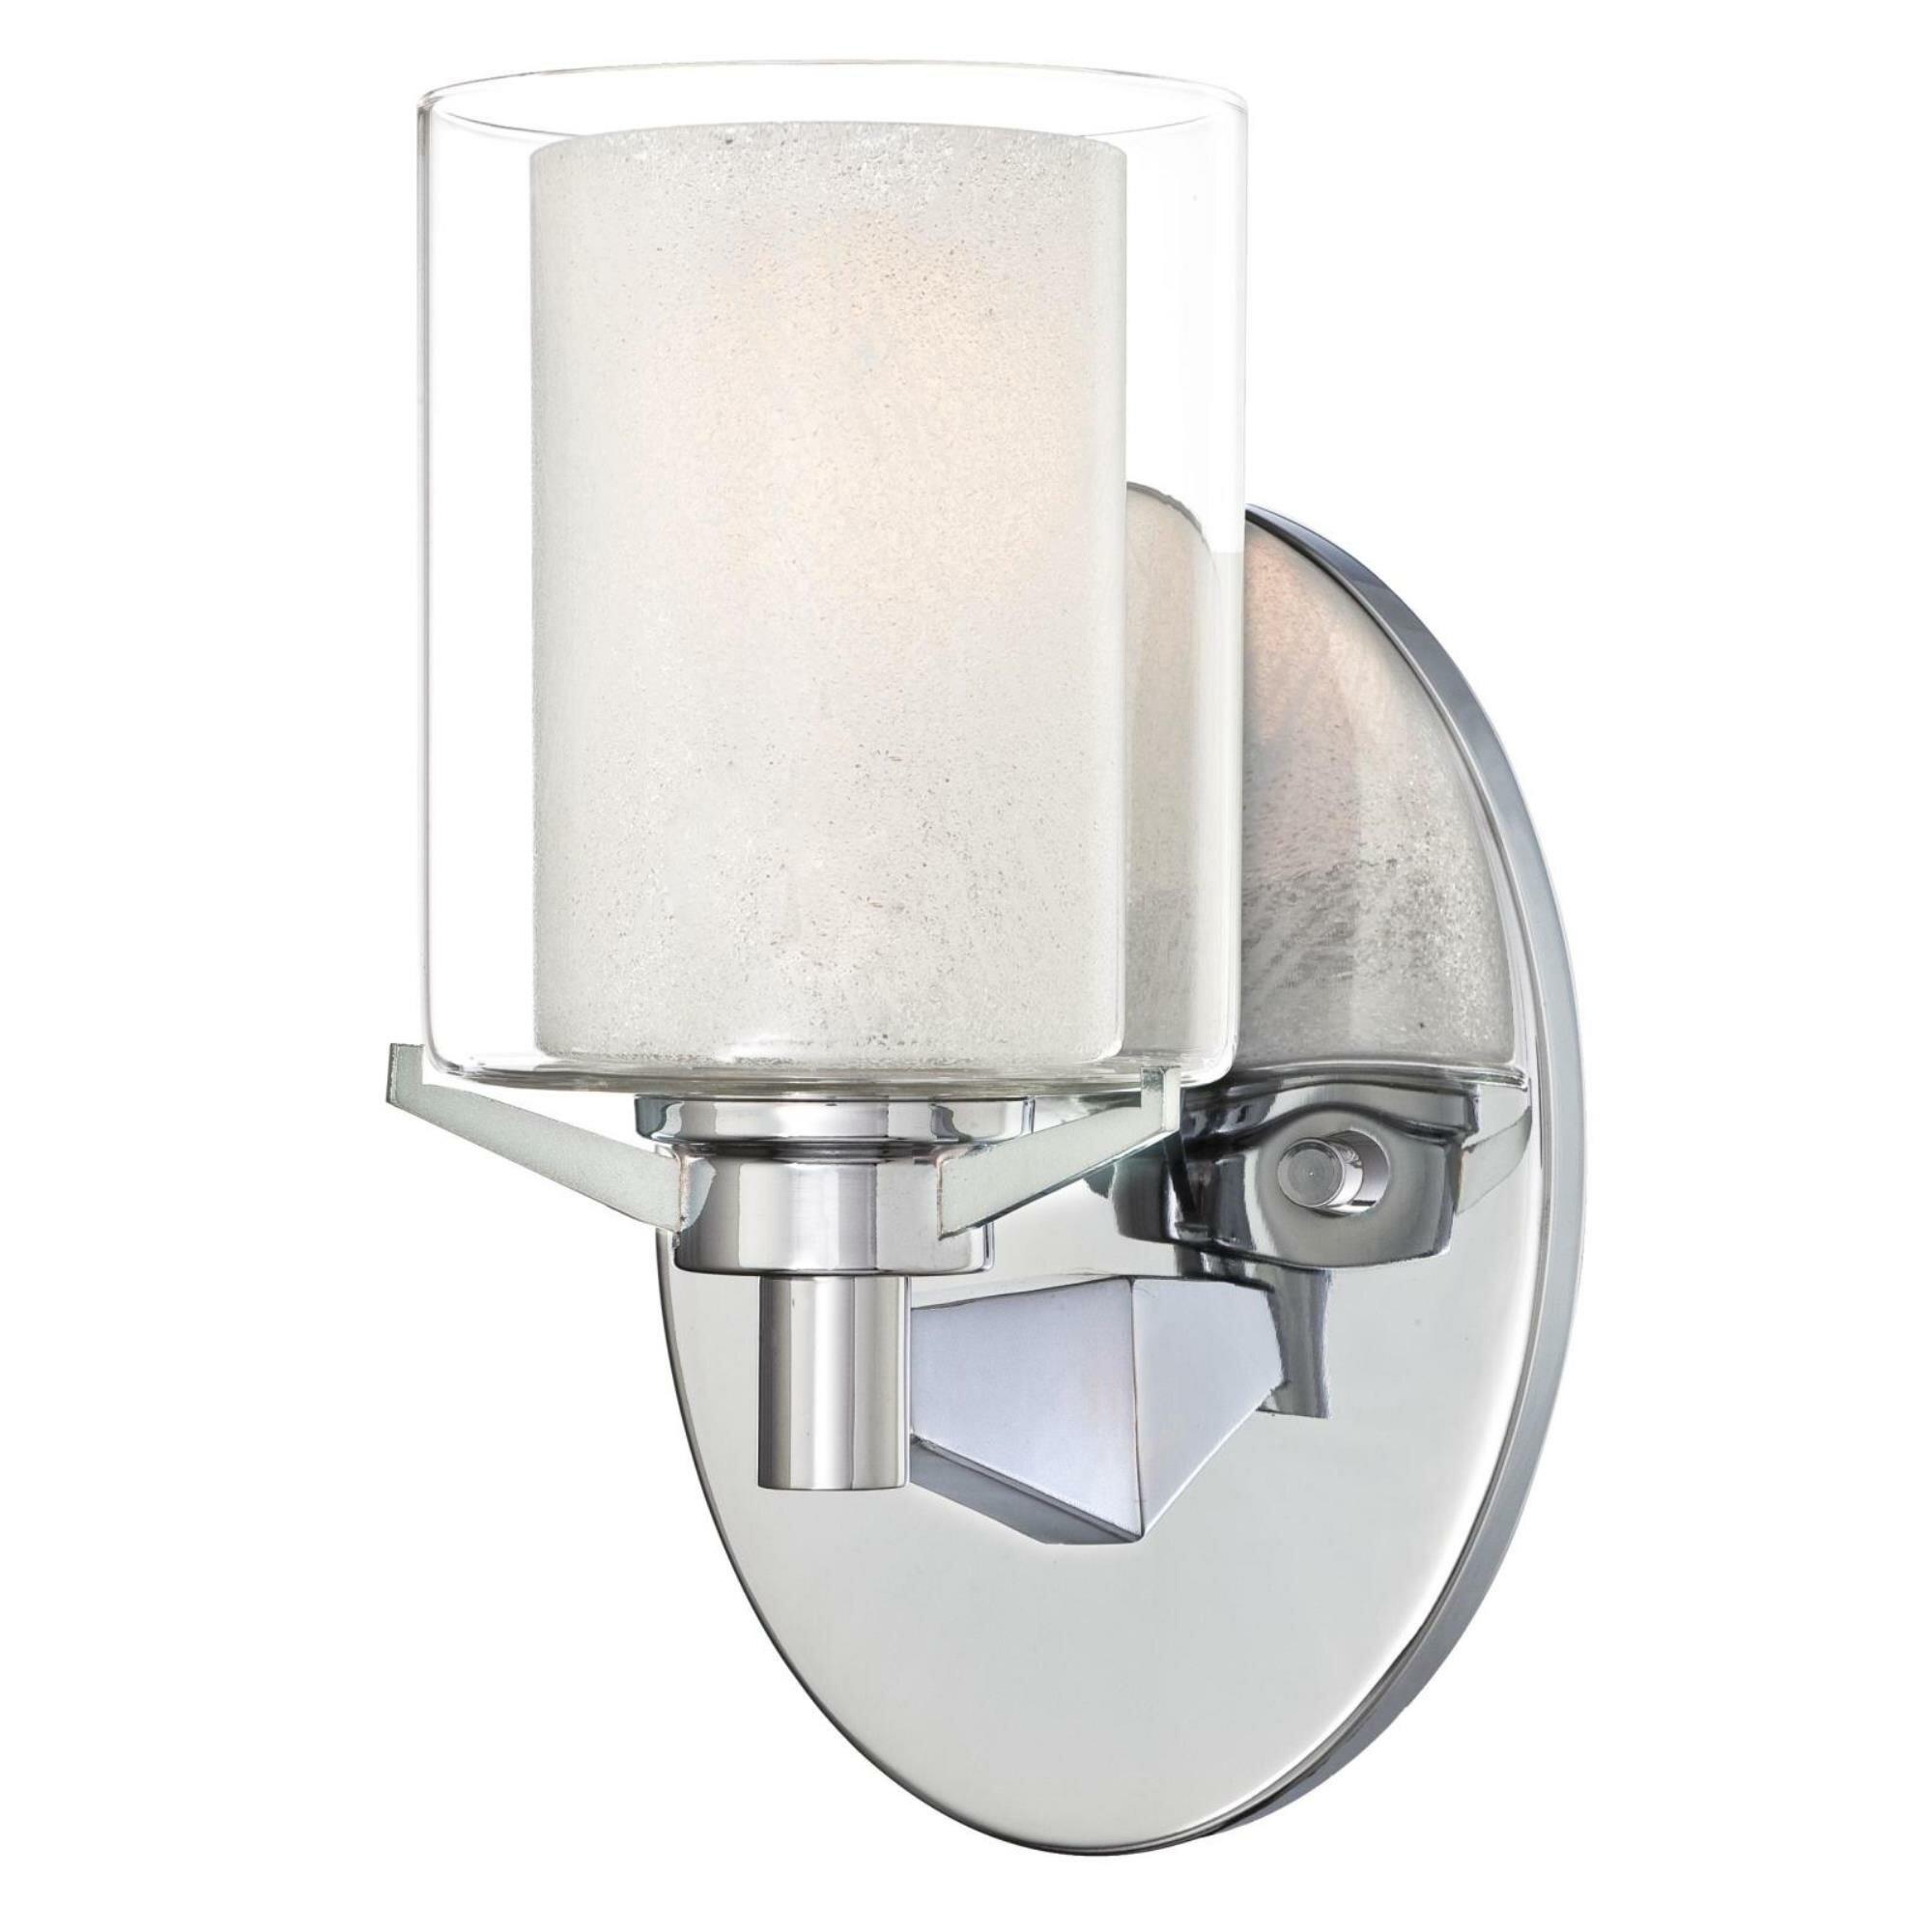 Darby Home Co Johns 1 Light Dimmable Chrome Bath Sconce Wayfair